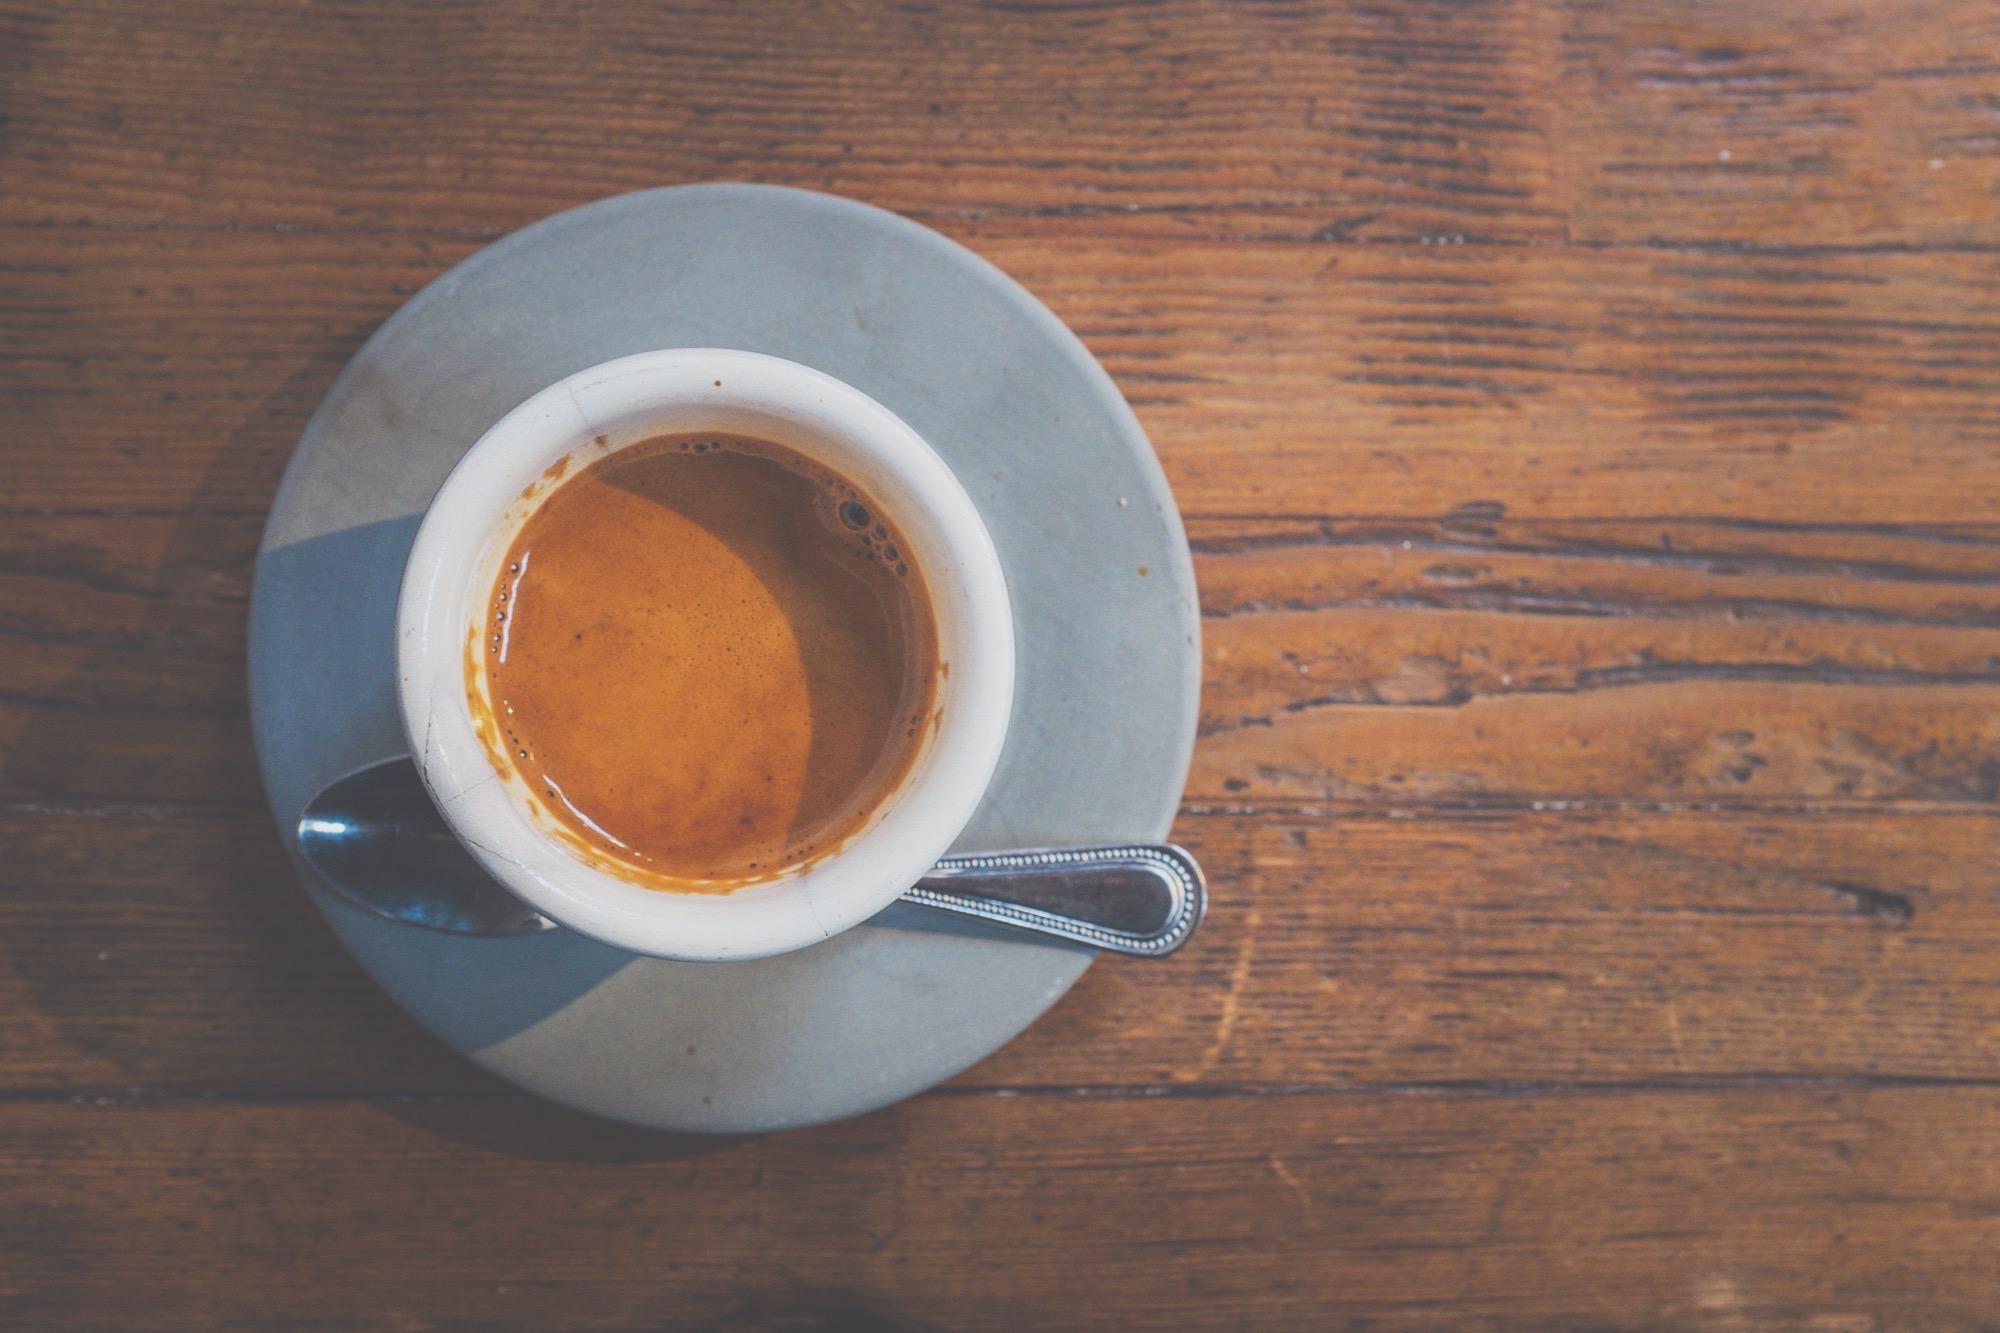 καφεϊνη